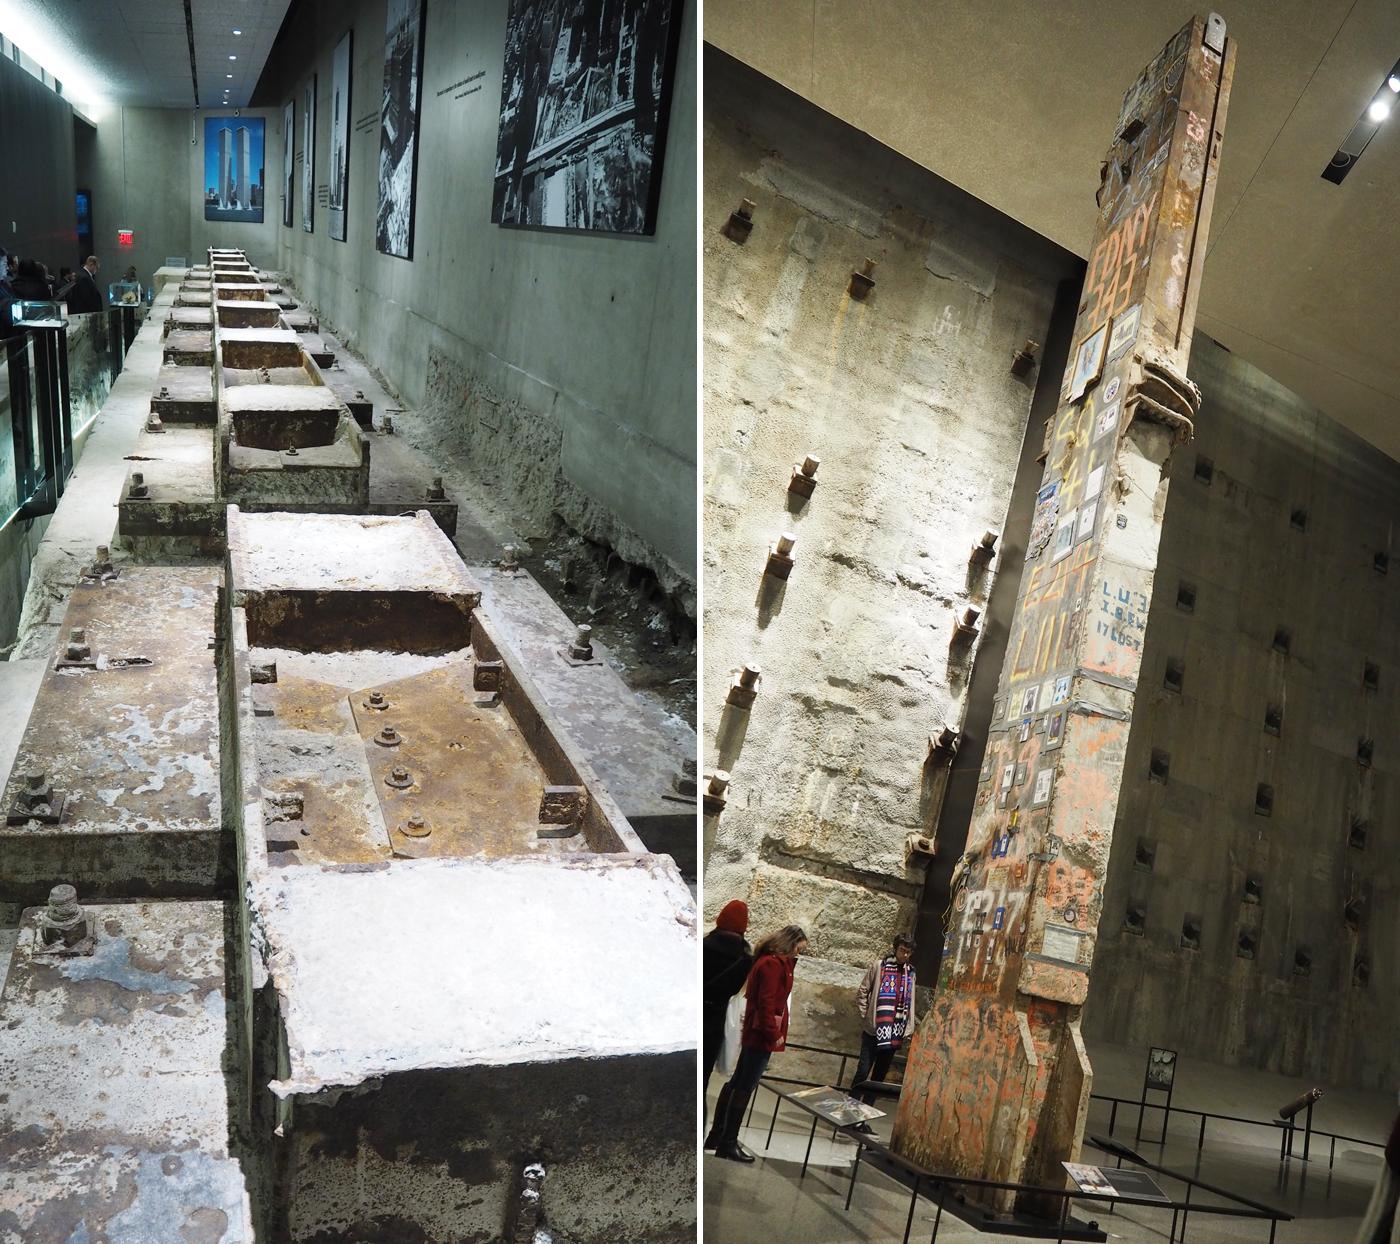 9 11 MUSEUM